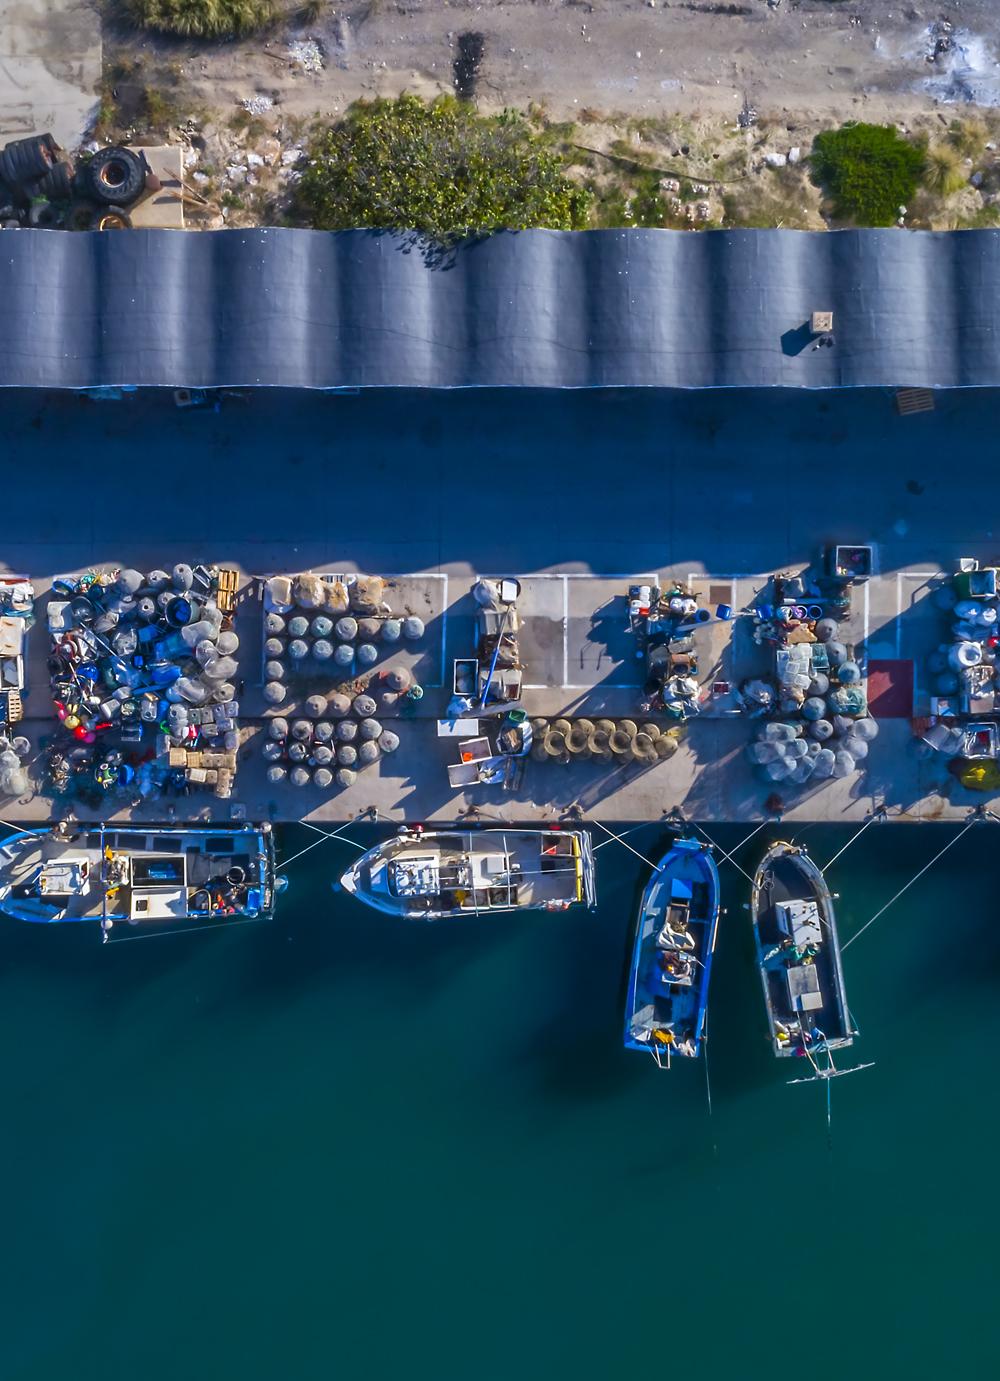 Port-pesquer-©-Ajuntament-de-Vilanova-i-la-Geltrú